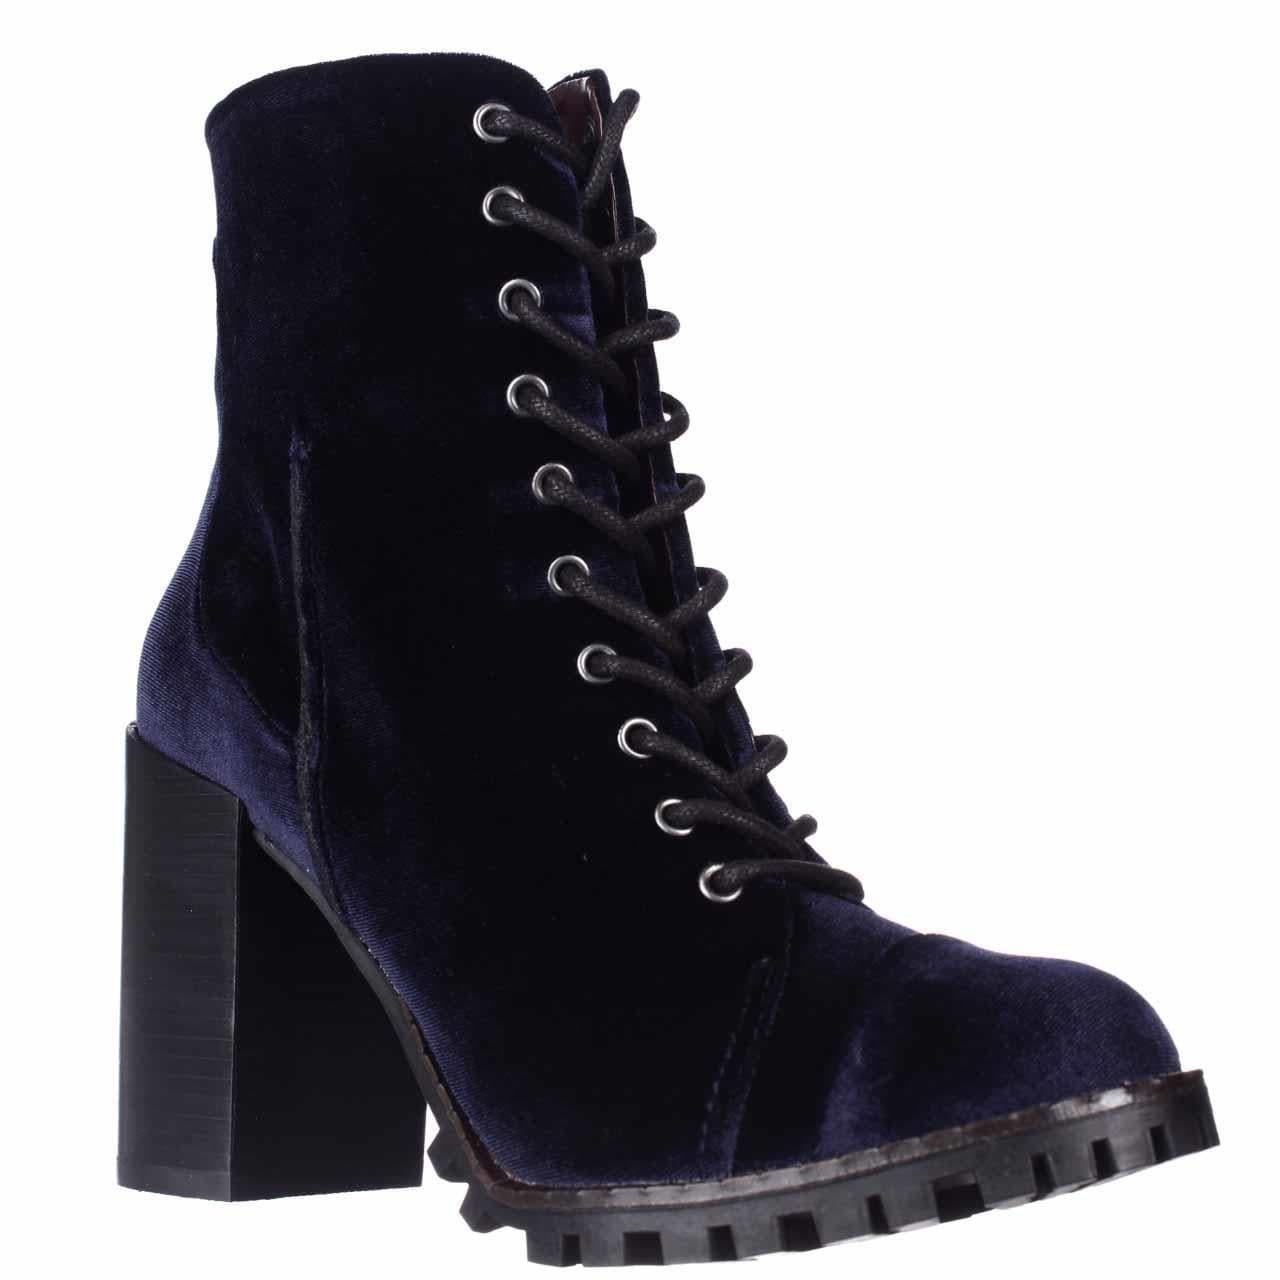 8fde34357ef Buy Report Women's Boots Online at Overstock | Our Best Women's ...